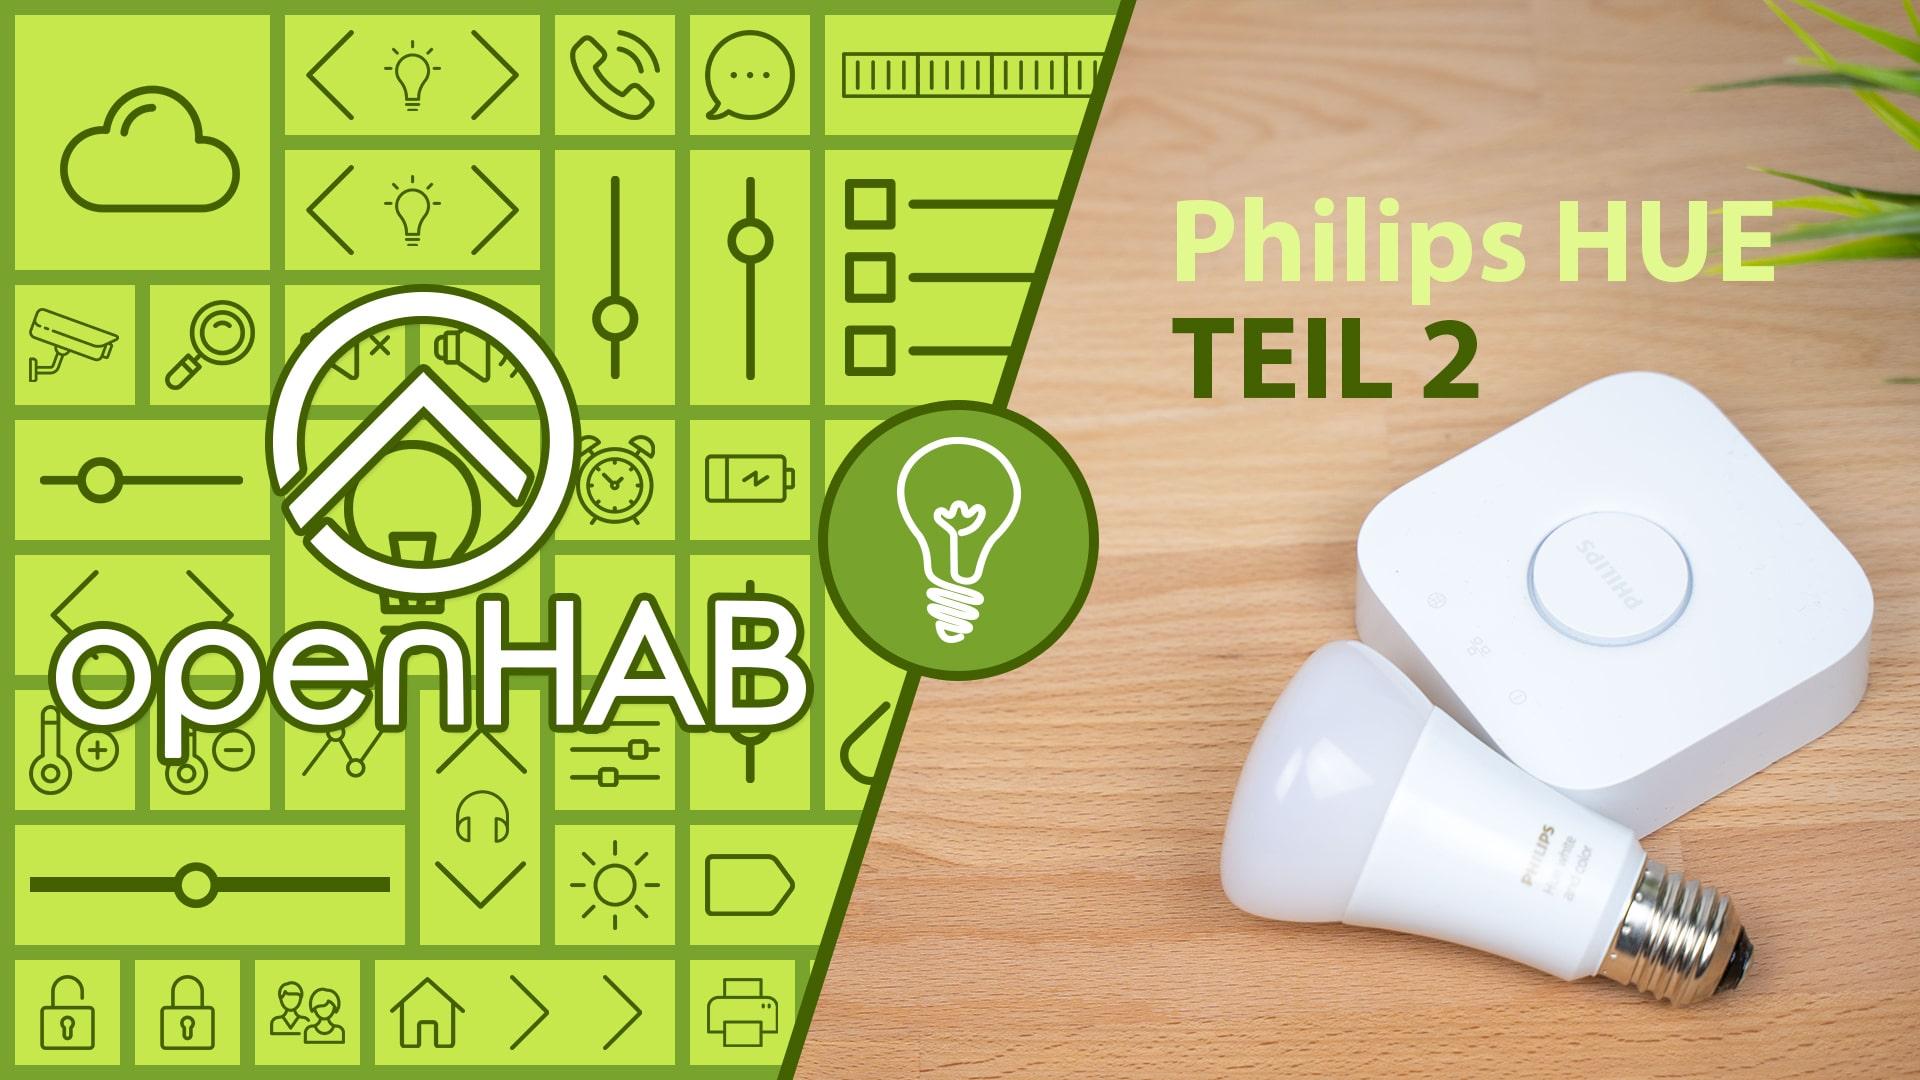 openHAB 2 Philips HUE Teil 2